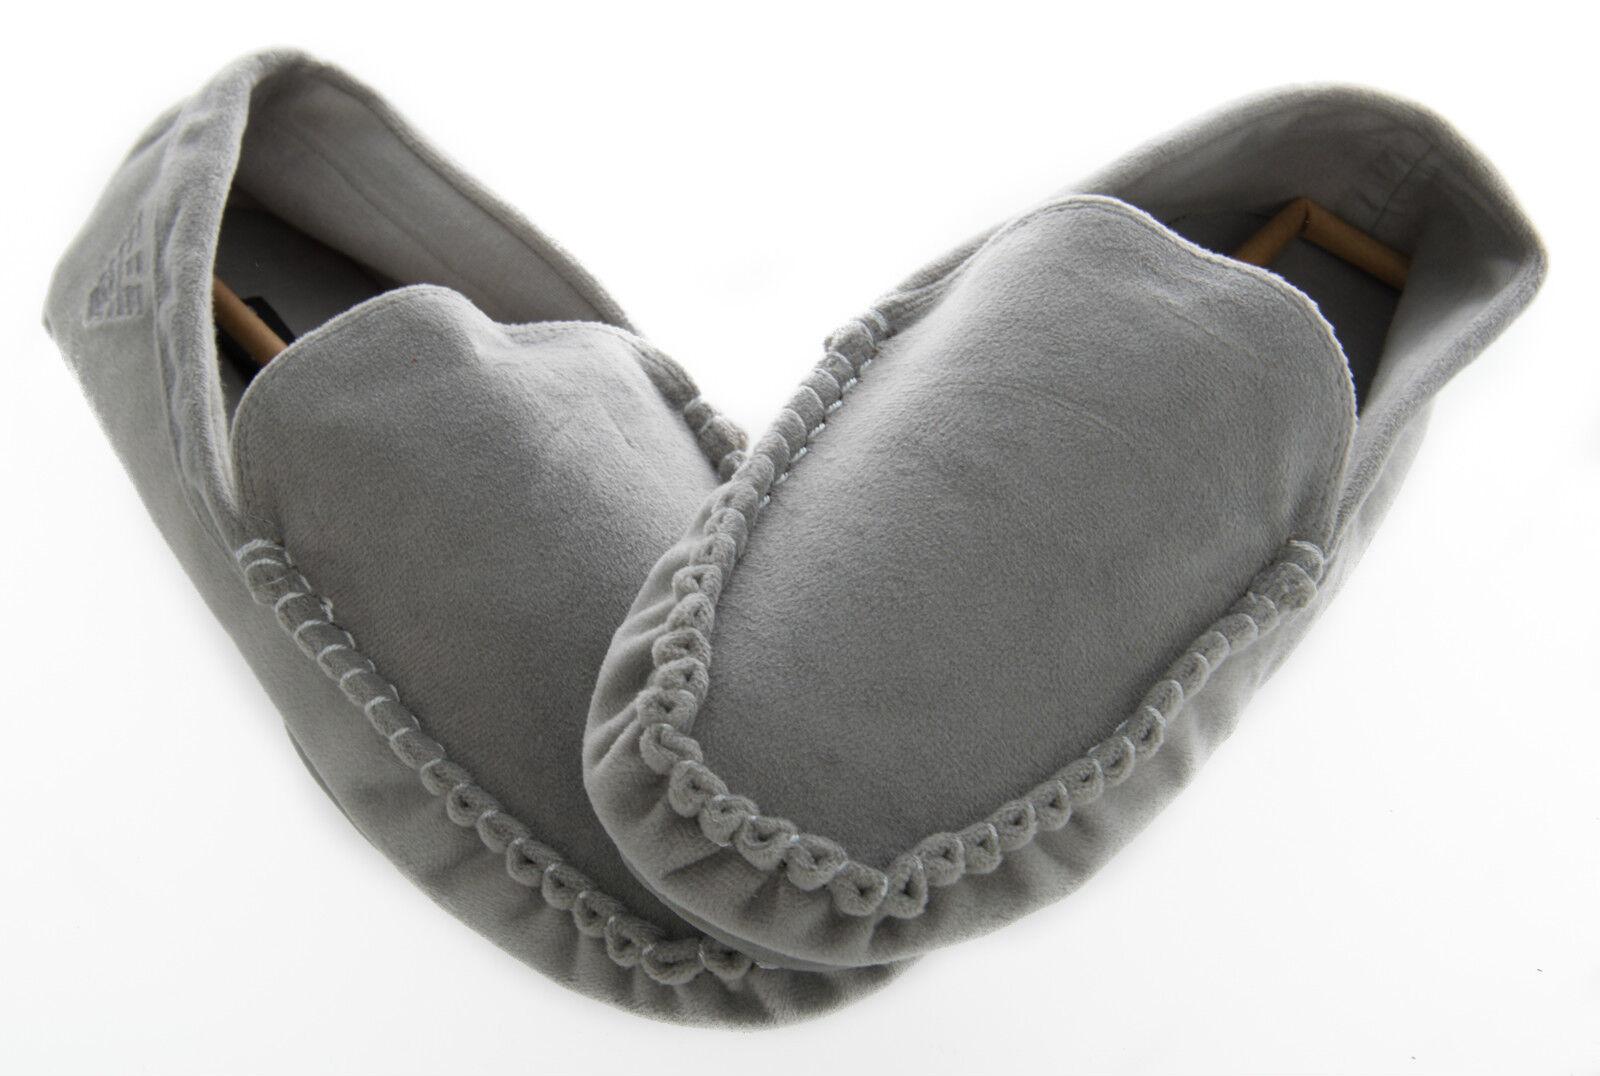 Pantofola ciabatta mocassino EMPORIO ARMANI 111400 4A577 taglia 39 c.00042 grigio | Prima qualità  | Uomo/Donna Scarpa